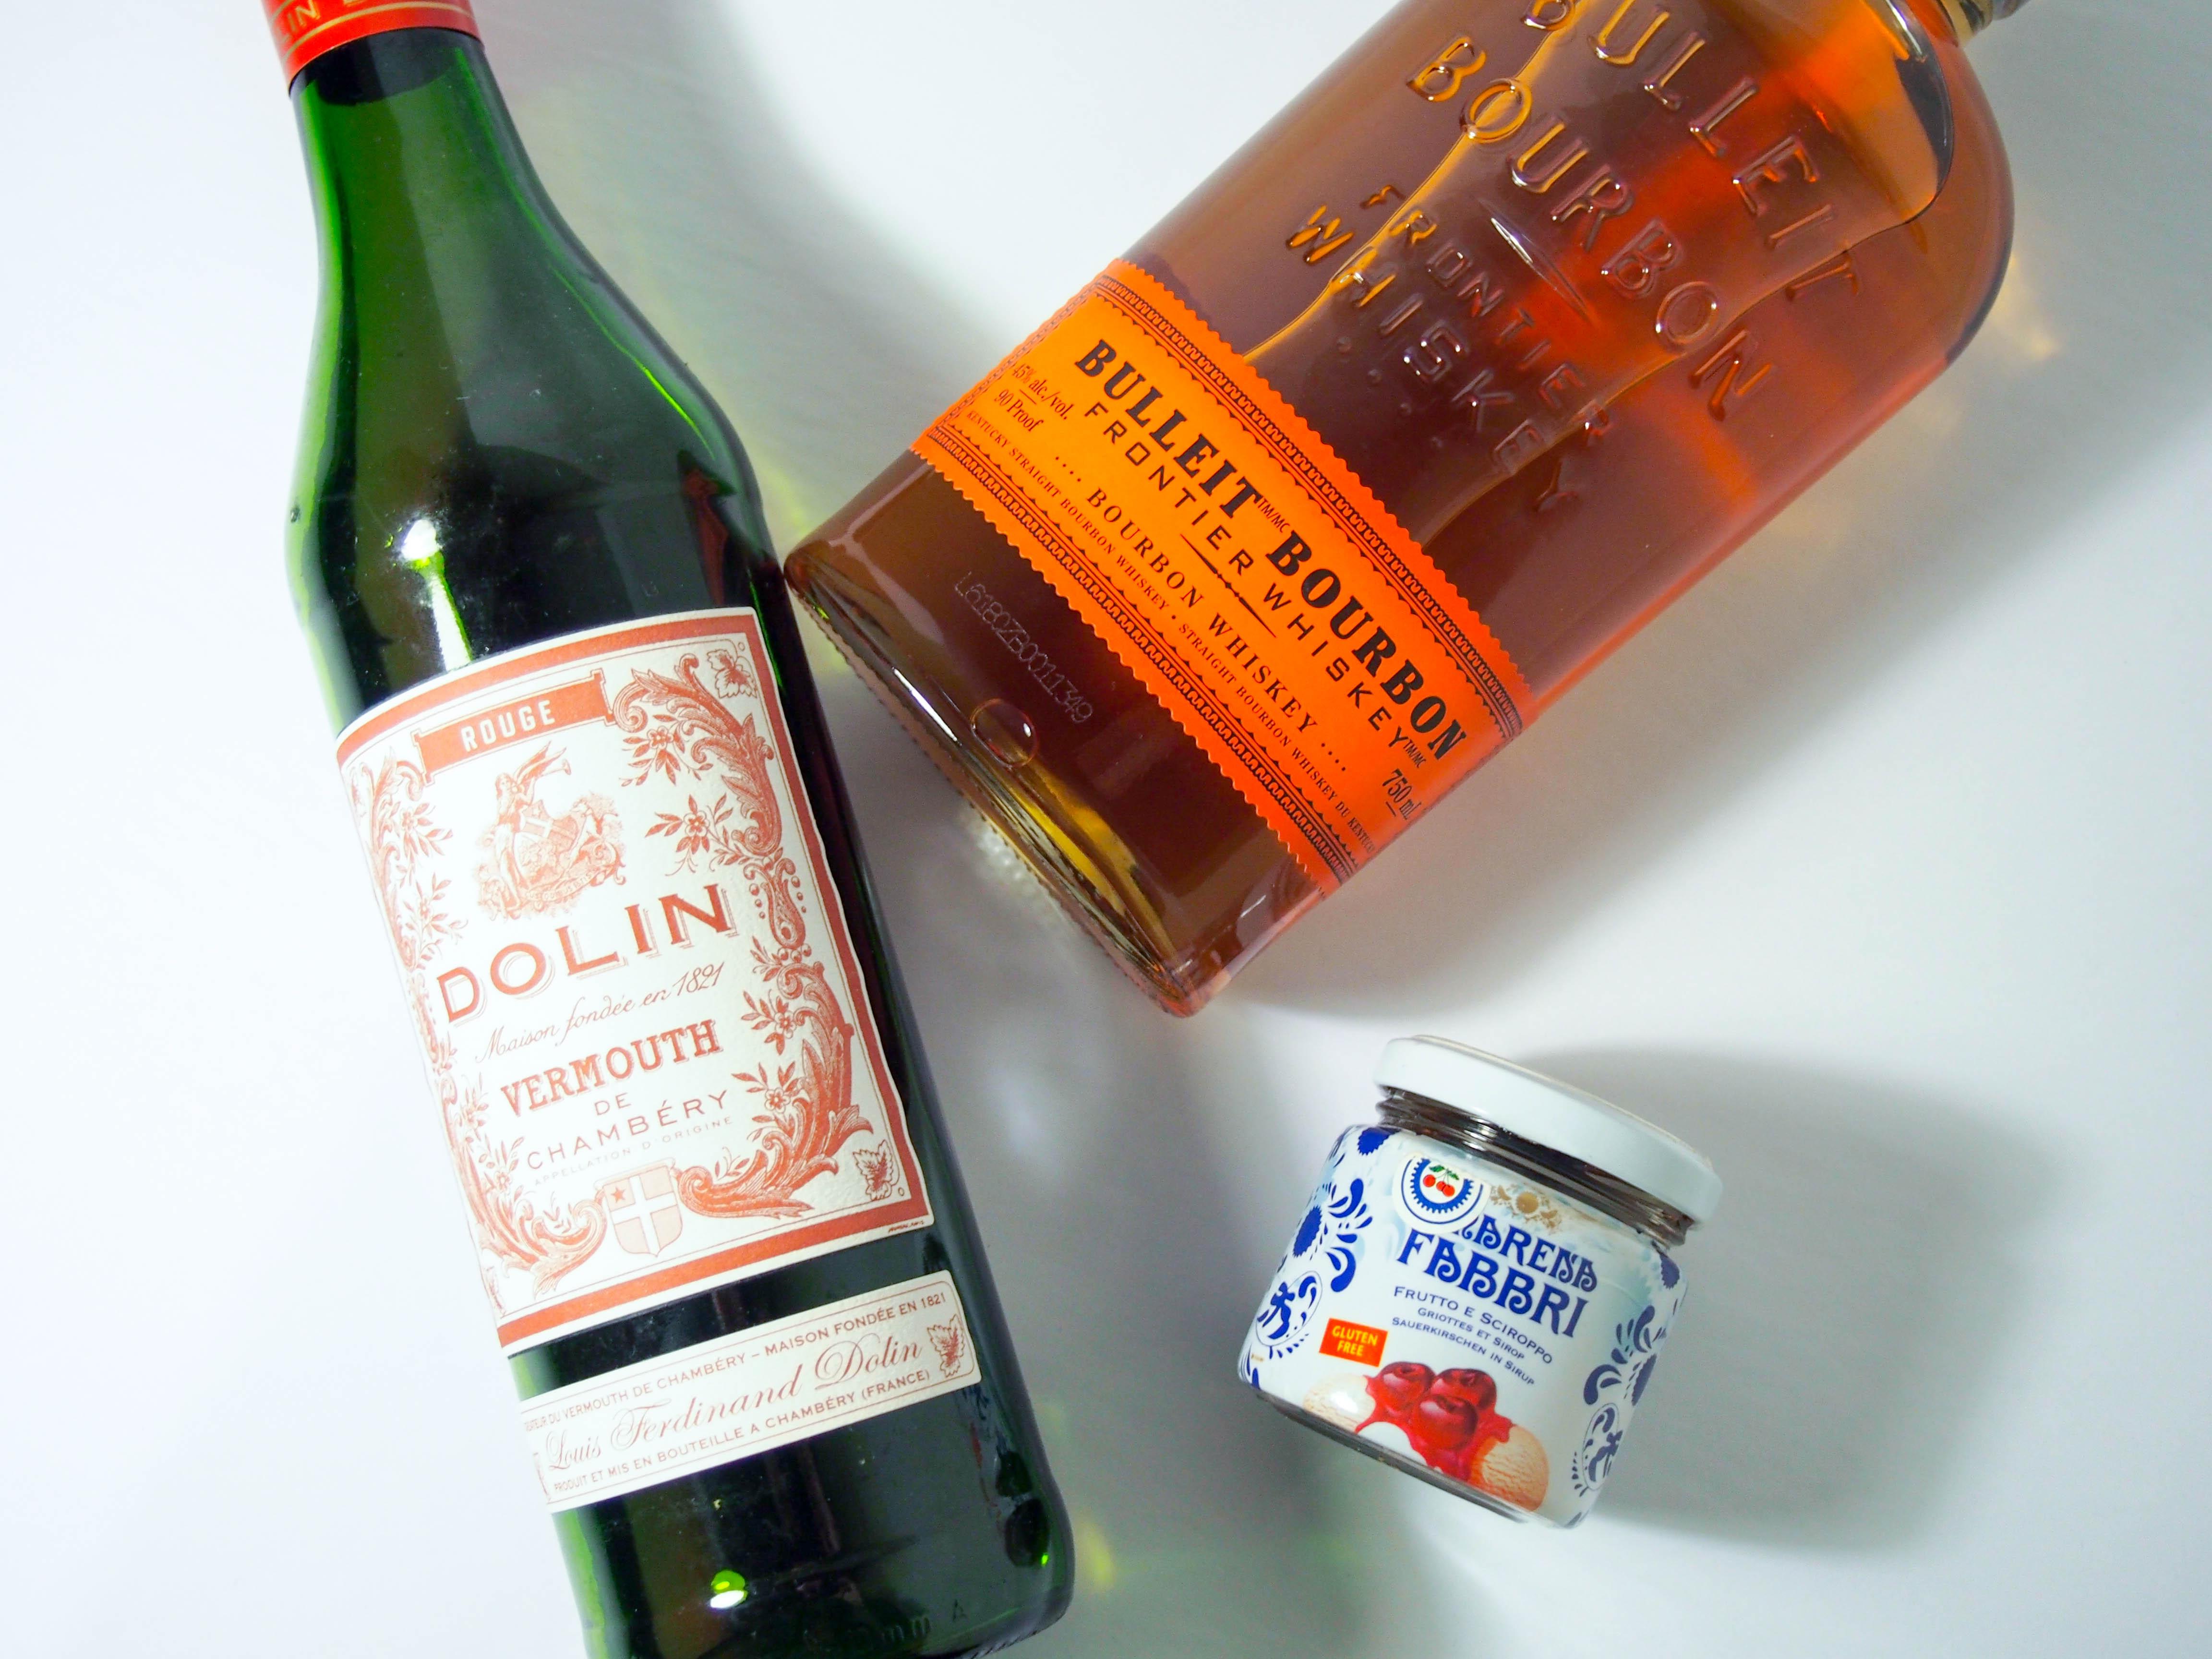 Manhattan Cocktail Ingredients: Dolin Vermouth, Bulliet Bourbon and Amerena Cherries